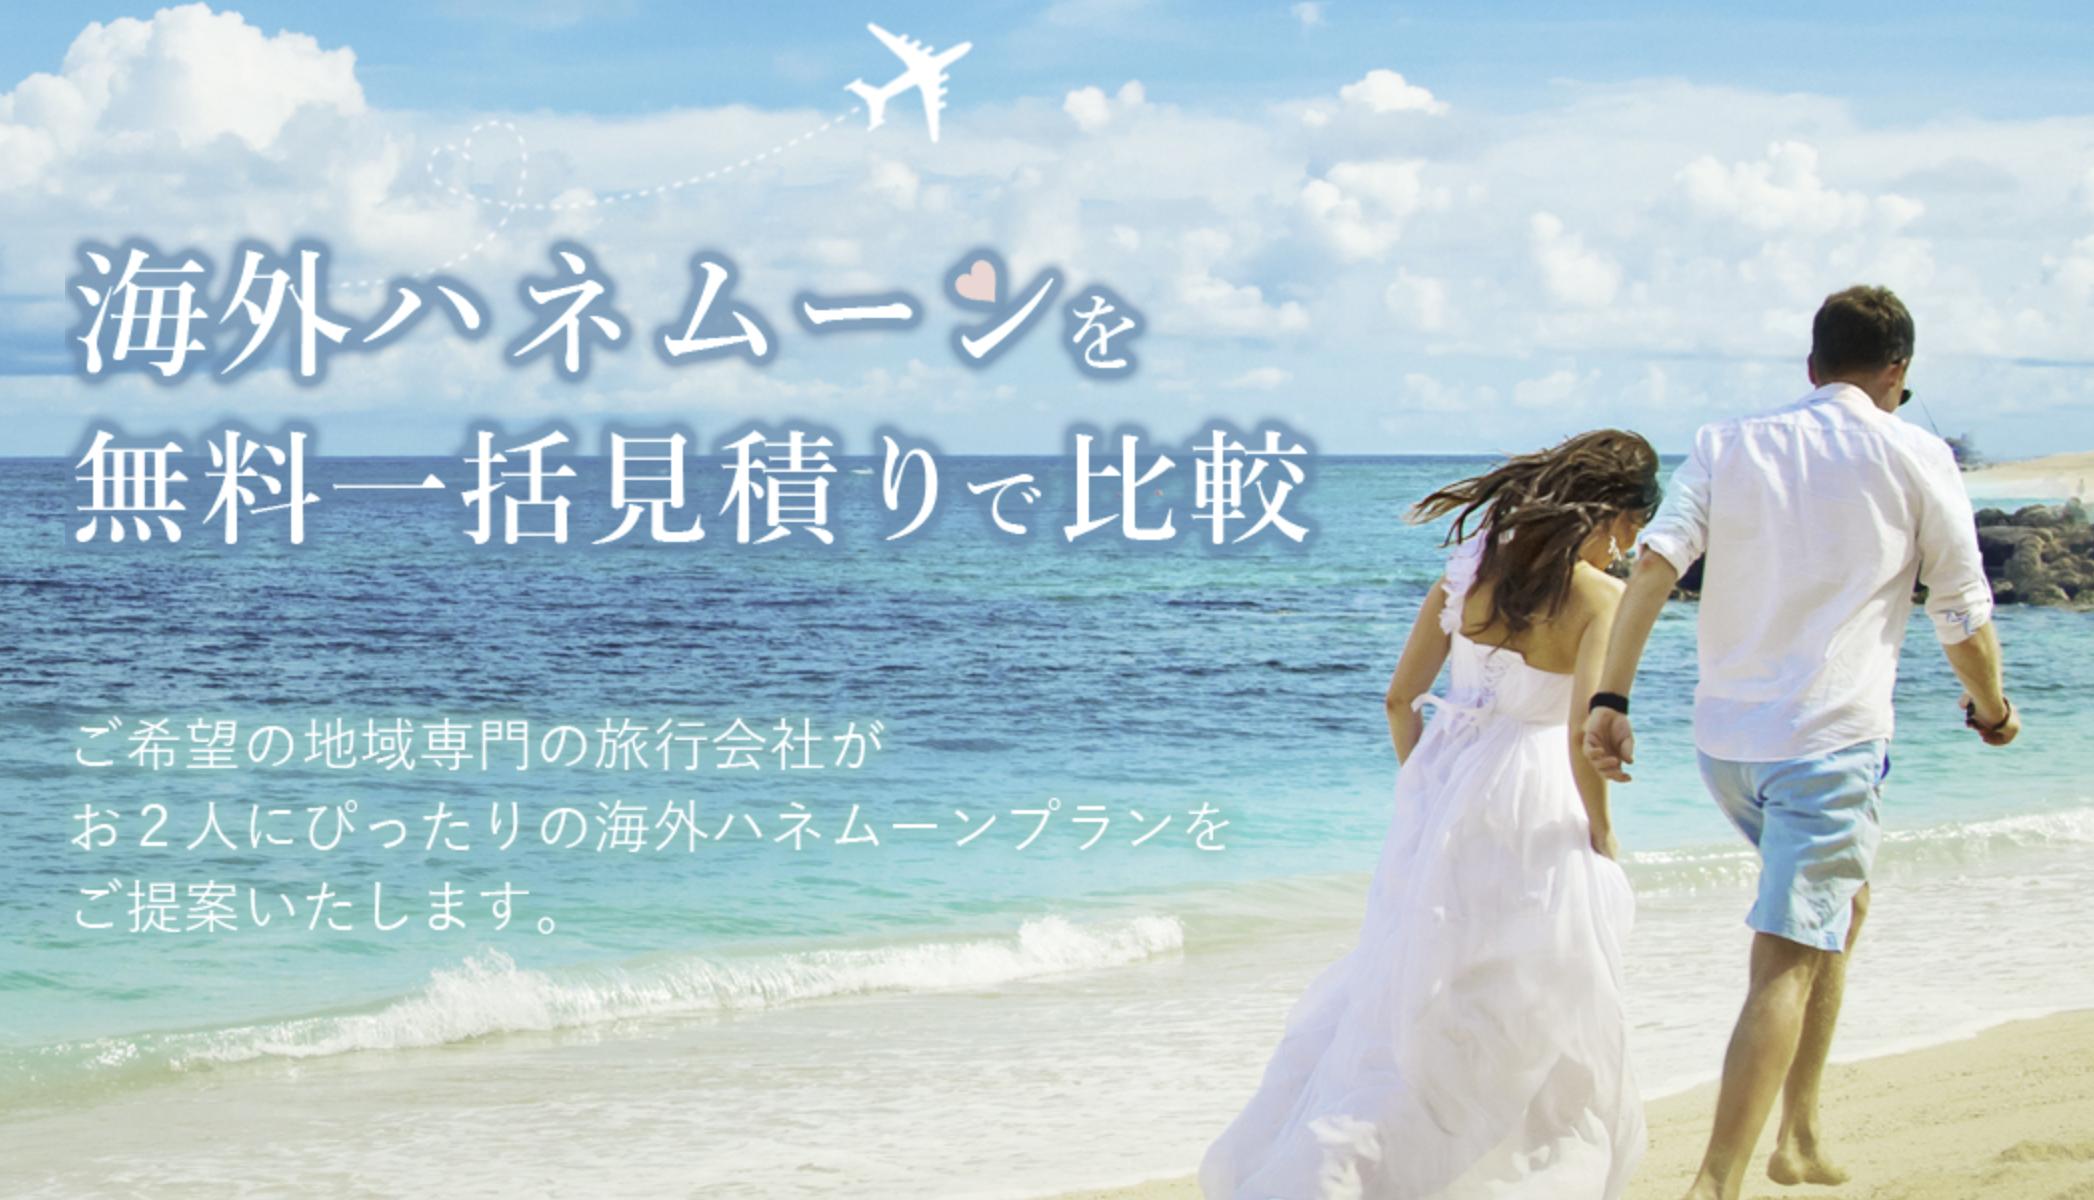 沖縄より海外派!海外リゾート人気エリアから選ぶハネムーン旅行計画!一括見積もりで徹底比較